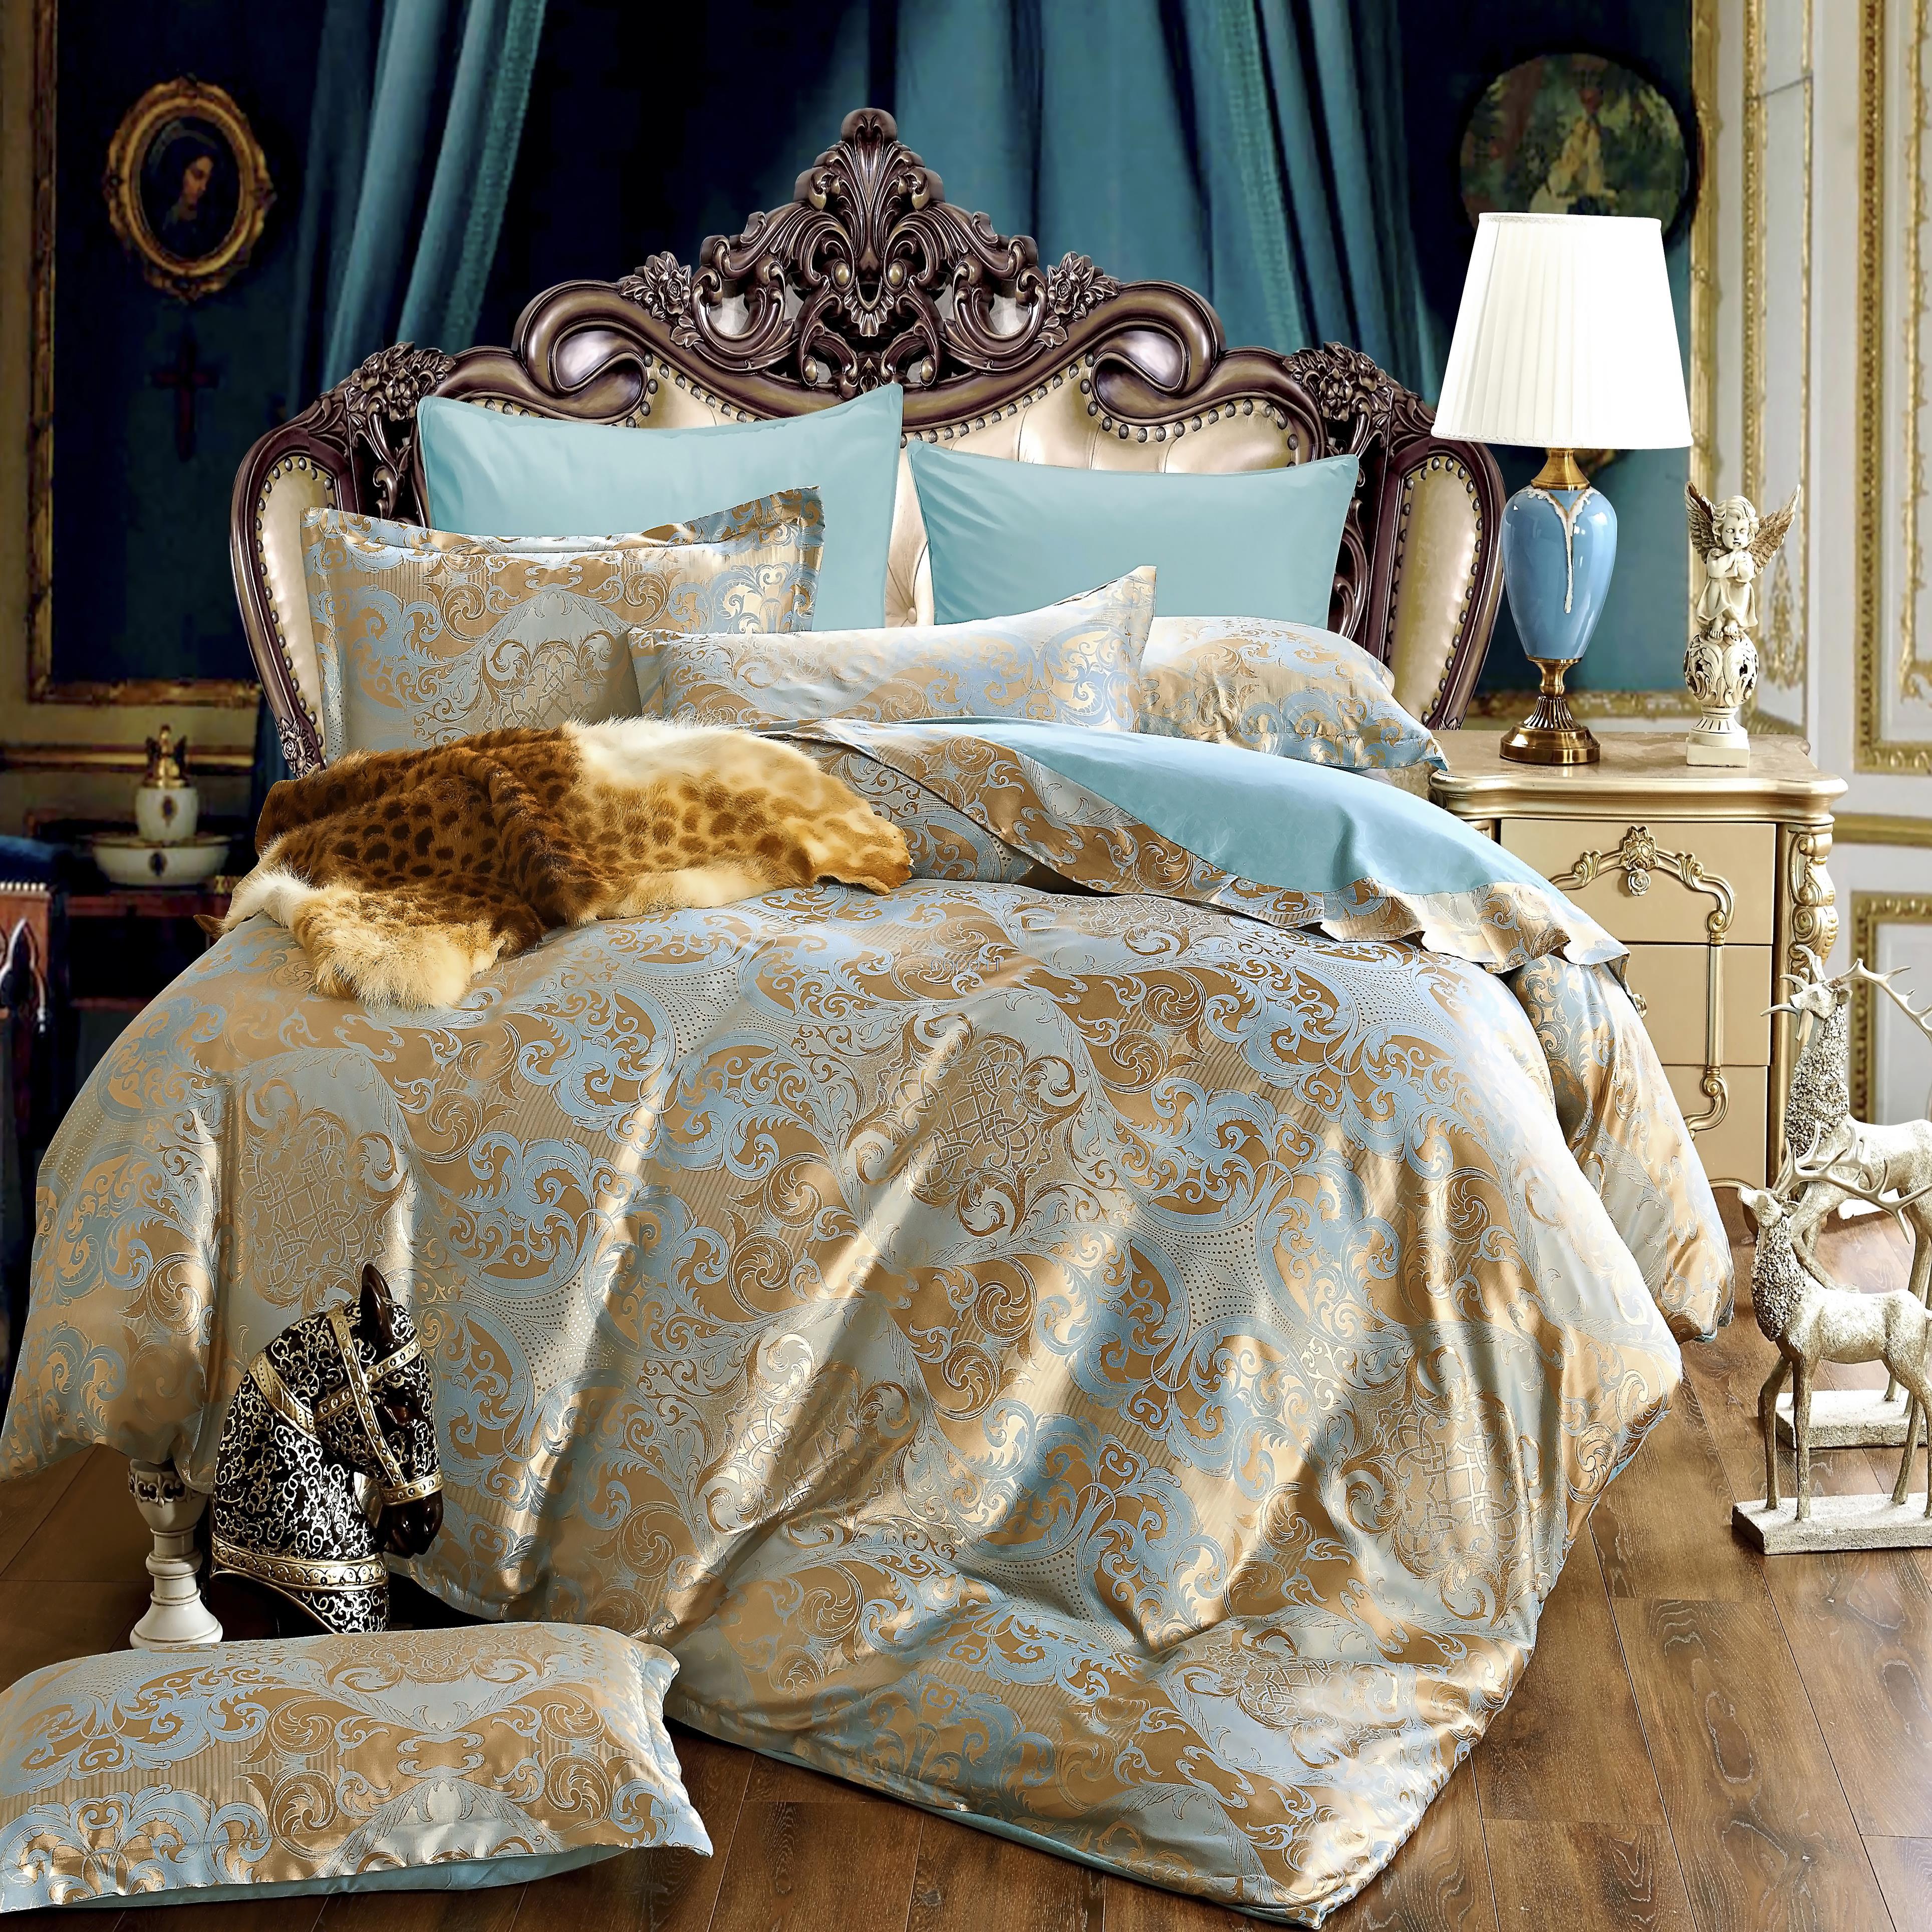 [해외]KELUO 럭셔리 공물 실크 새틴 자카드 이불 침구 세트 고귀한 궁전 침대 세트 4pcs 퀸 AL543/KELUO Luxury Tribute Silk Satin Jacquard Bedclothes  Bedding set Wedding Noble Palace Be